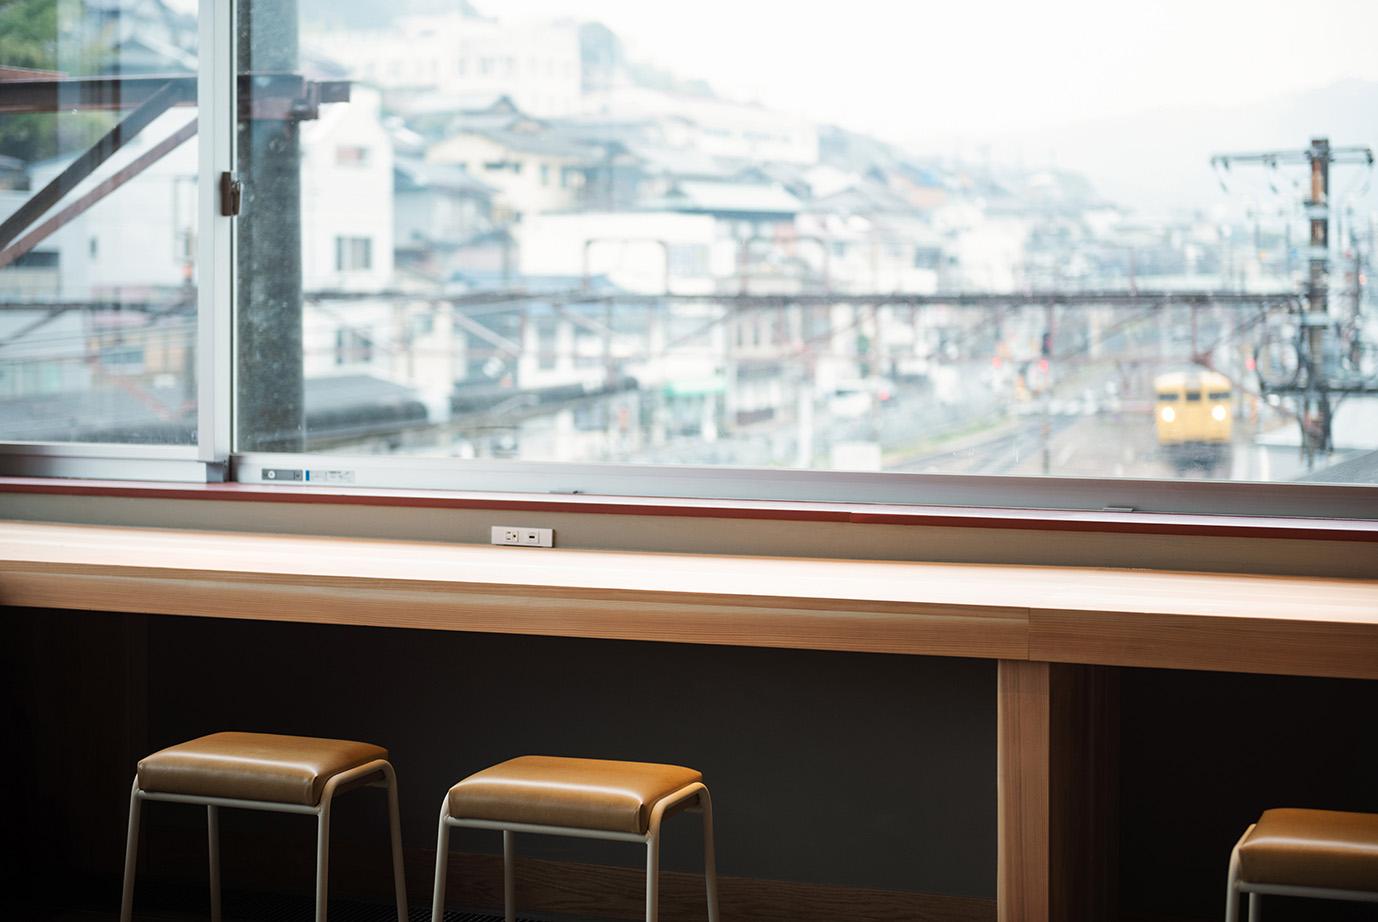 PLACE TO ENJOY THE LOCAL STATION 尾道発・ローカル駅を楽しむ「㎥ HOSTEL/エムスリーホステル」レールサイドプラン